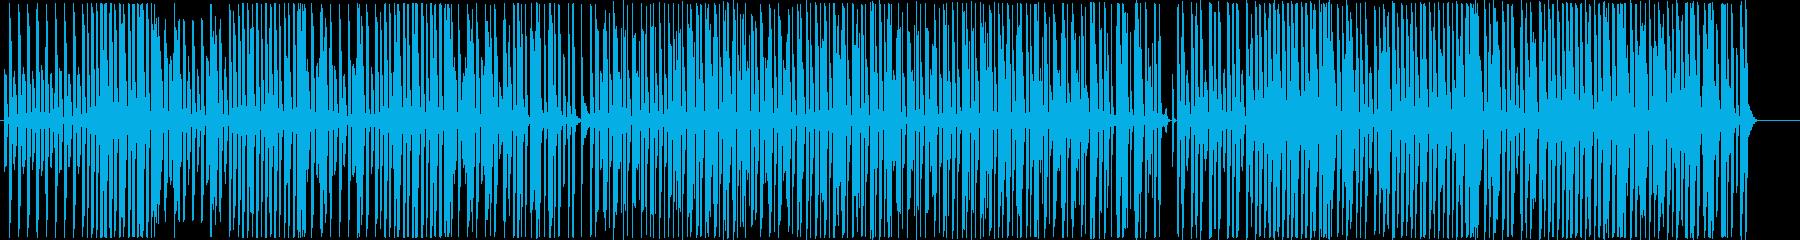 ピアノと鉄琴のコンビ。ほのぼの散歩気分の再生済みの波形